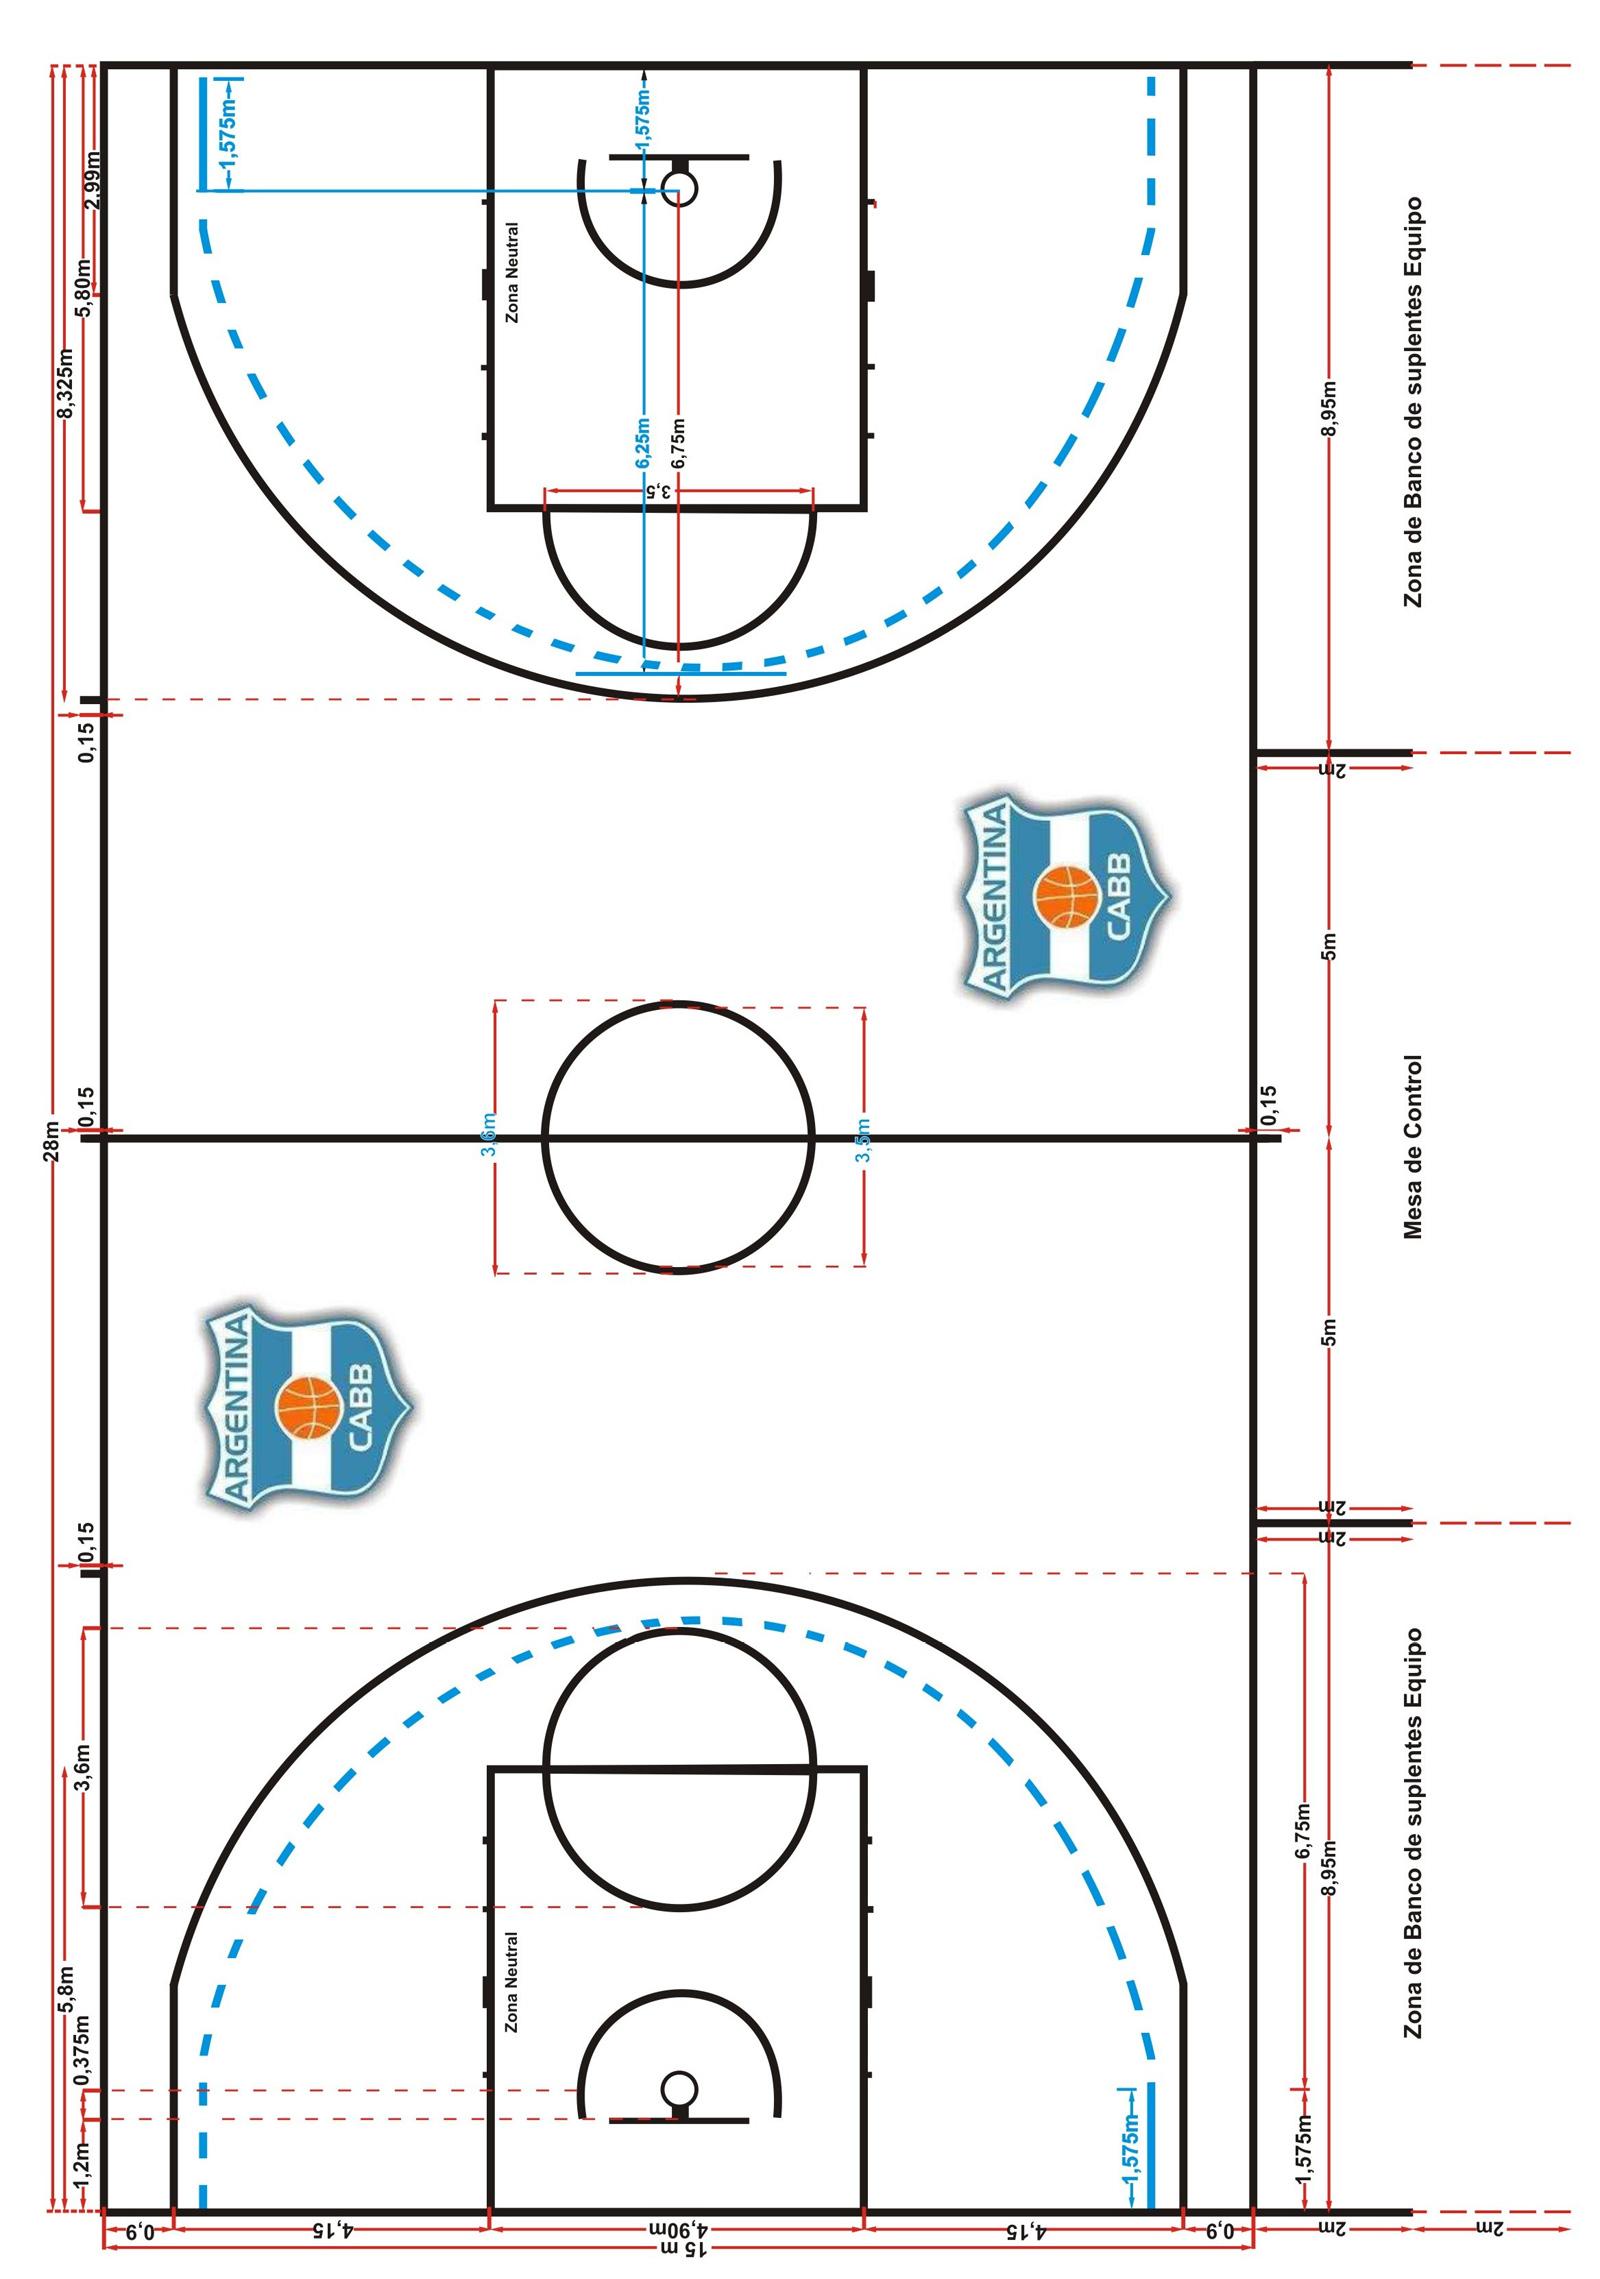 Desde el 1 de enero de 2011 hay nuevas reglas de basquet